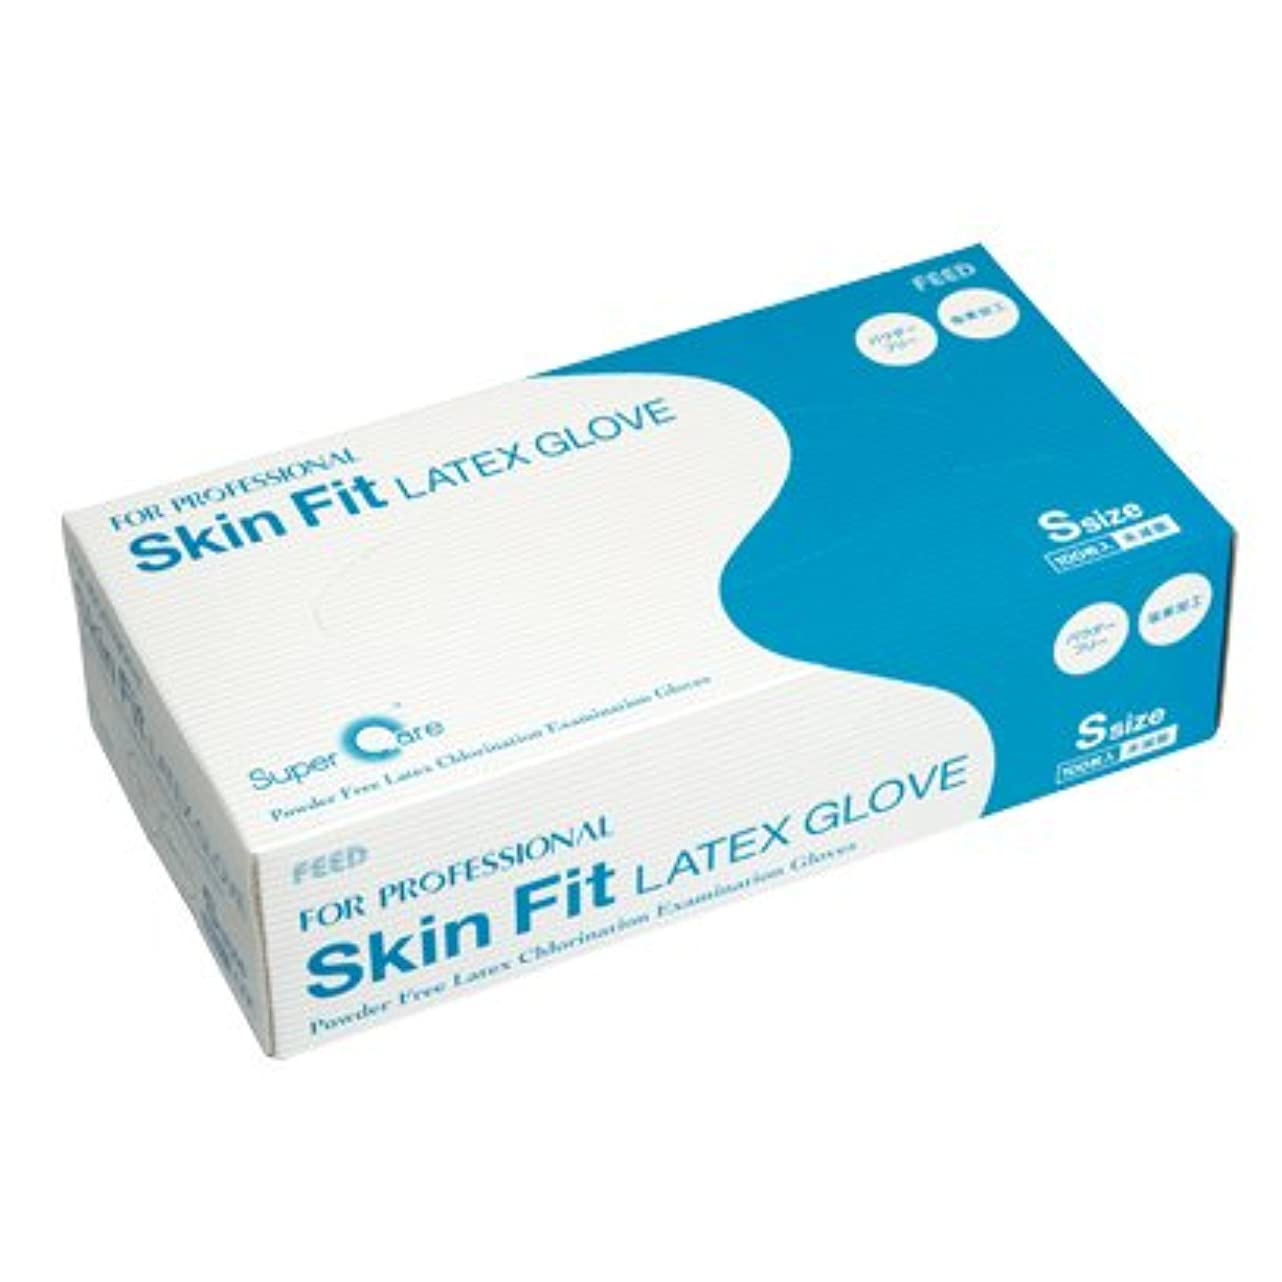 サスペンドバターいとこFEED(フィード) Skin Fit ラテックスグローブ パウダーフリー 塩素加工 S カートン(10ケース) (医療機器)